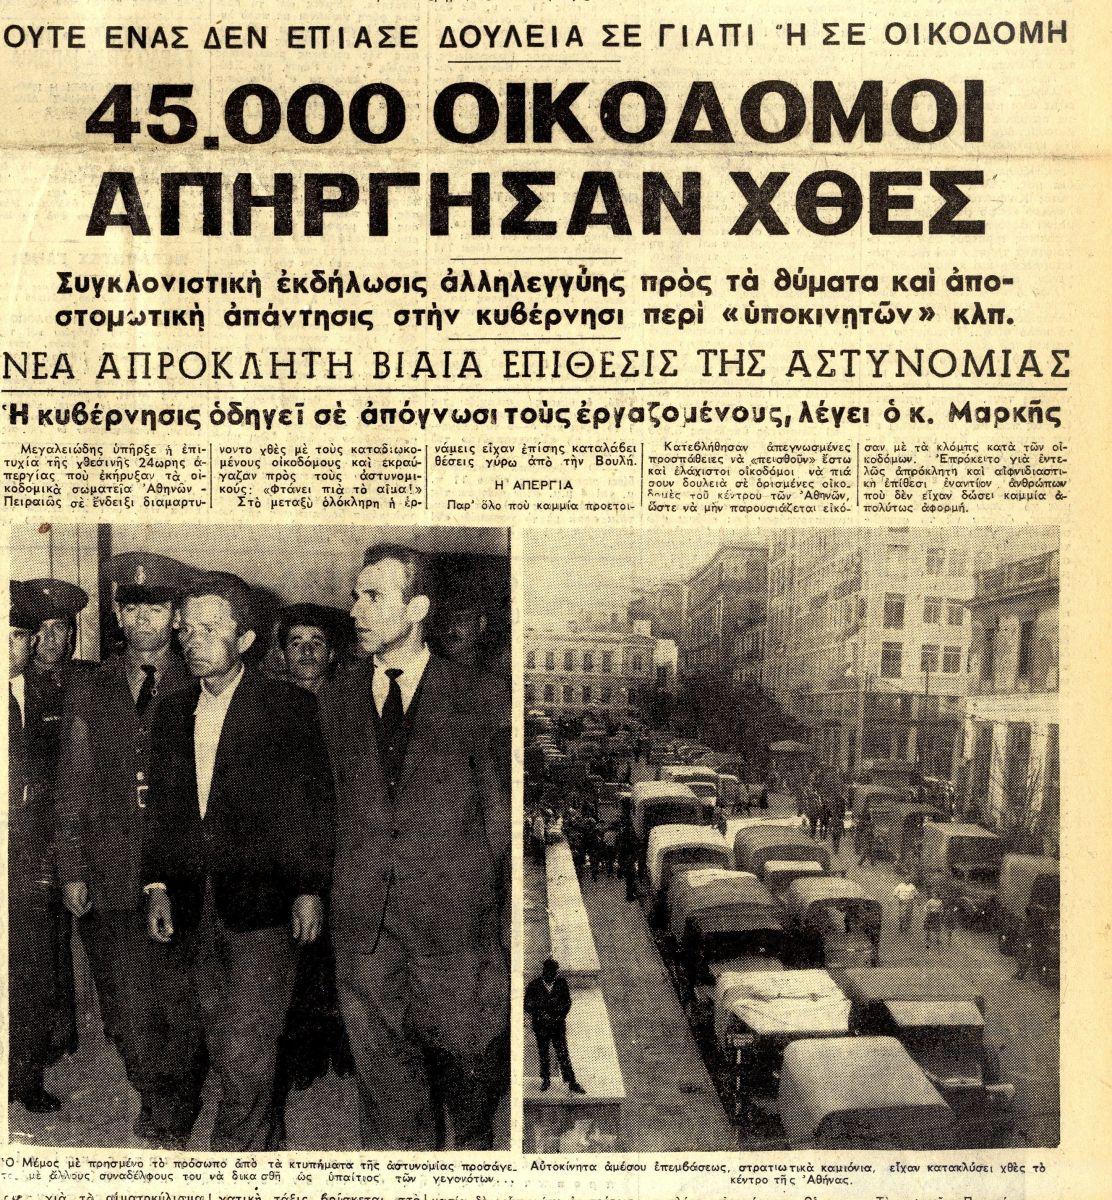 Αποτέλεσμα εικόνας για οικοδομοι απεργιες 1960